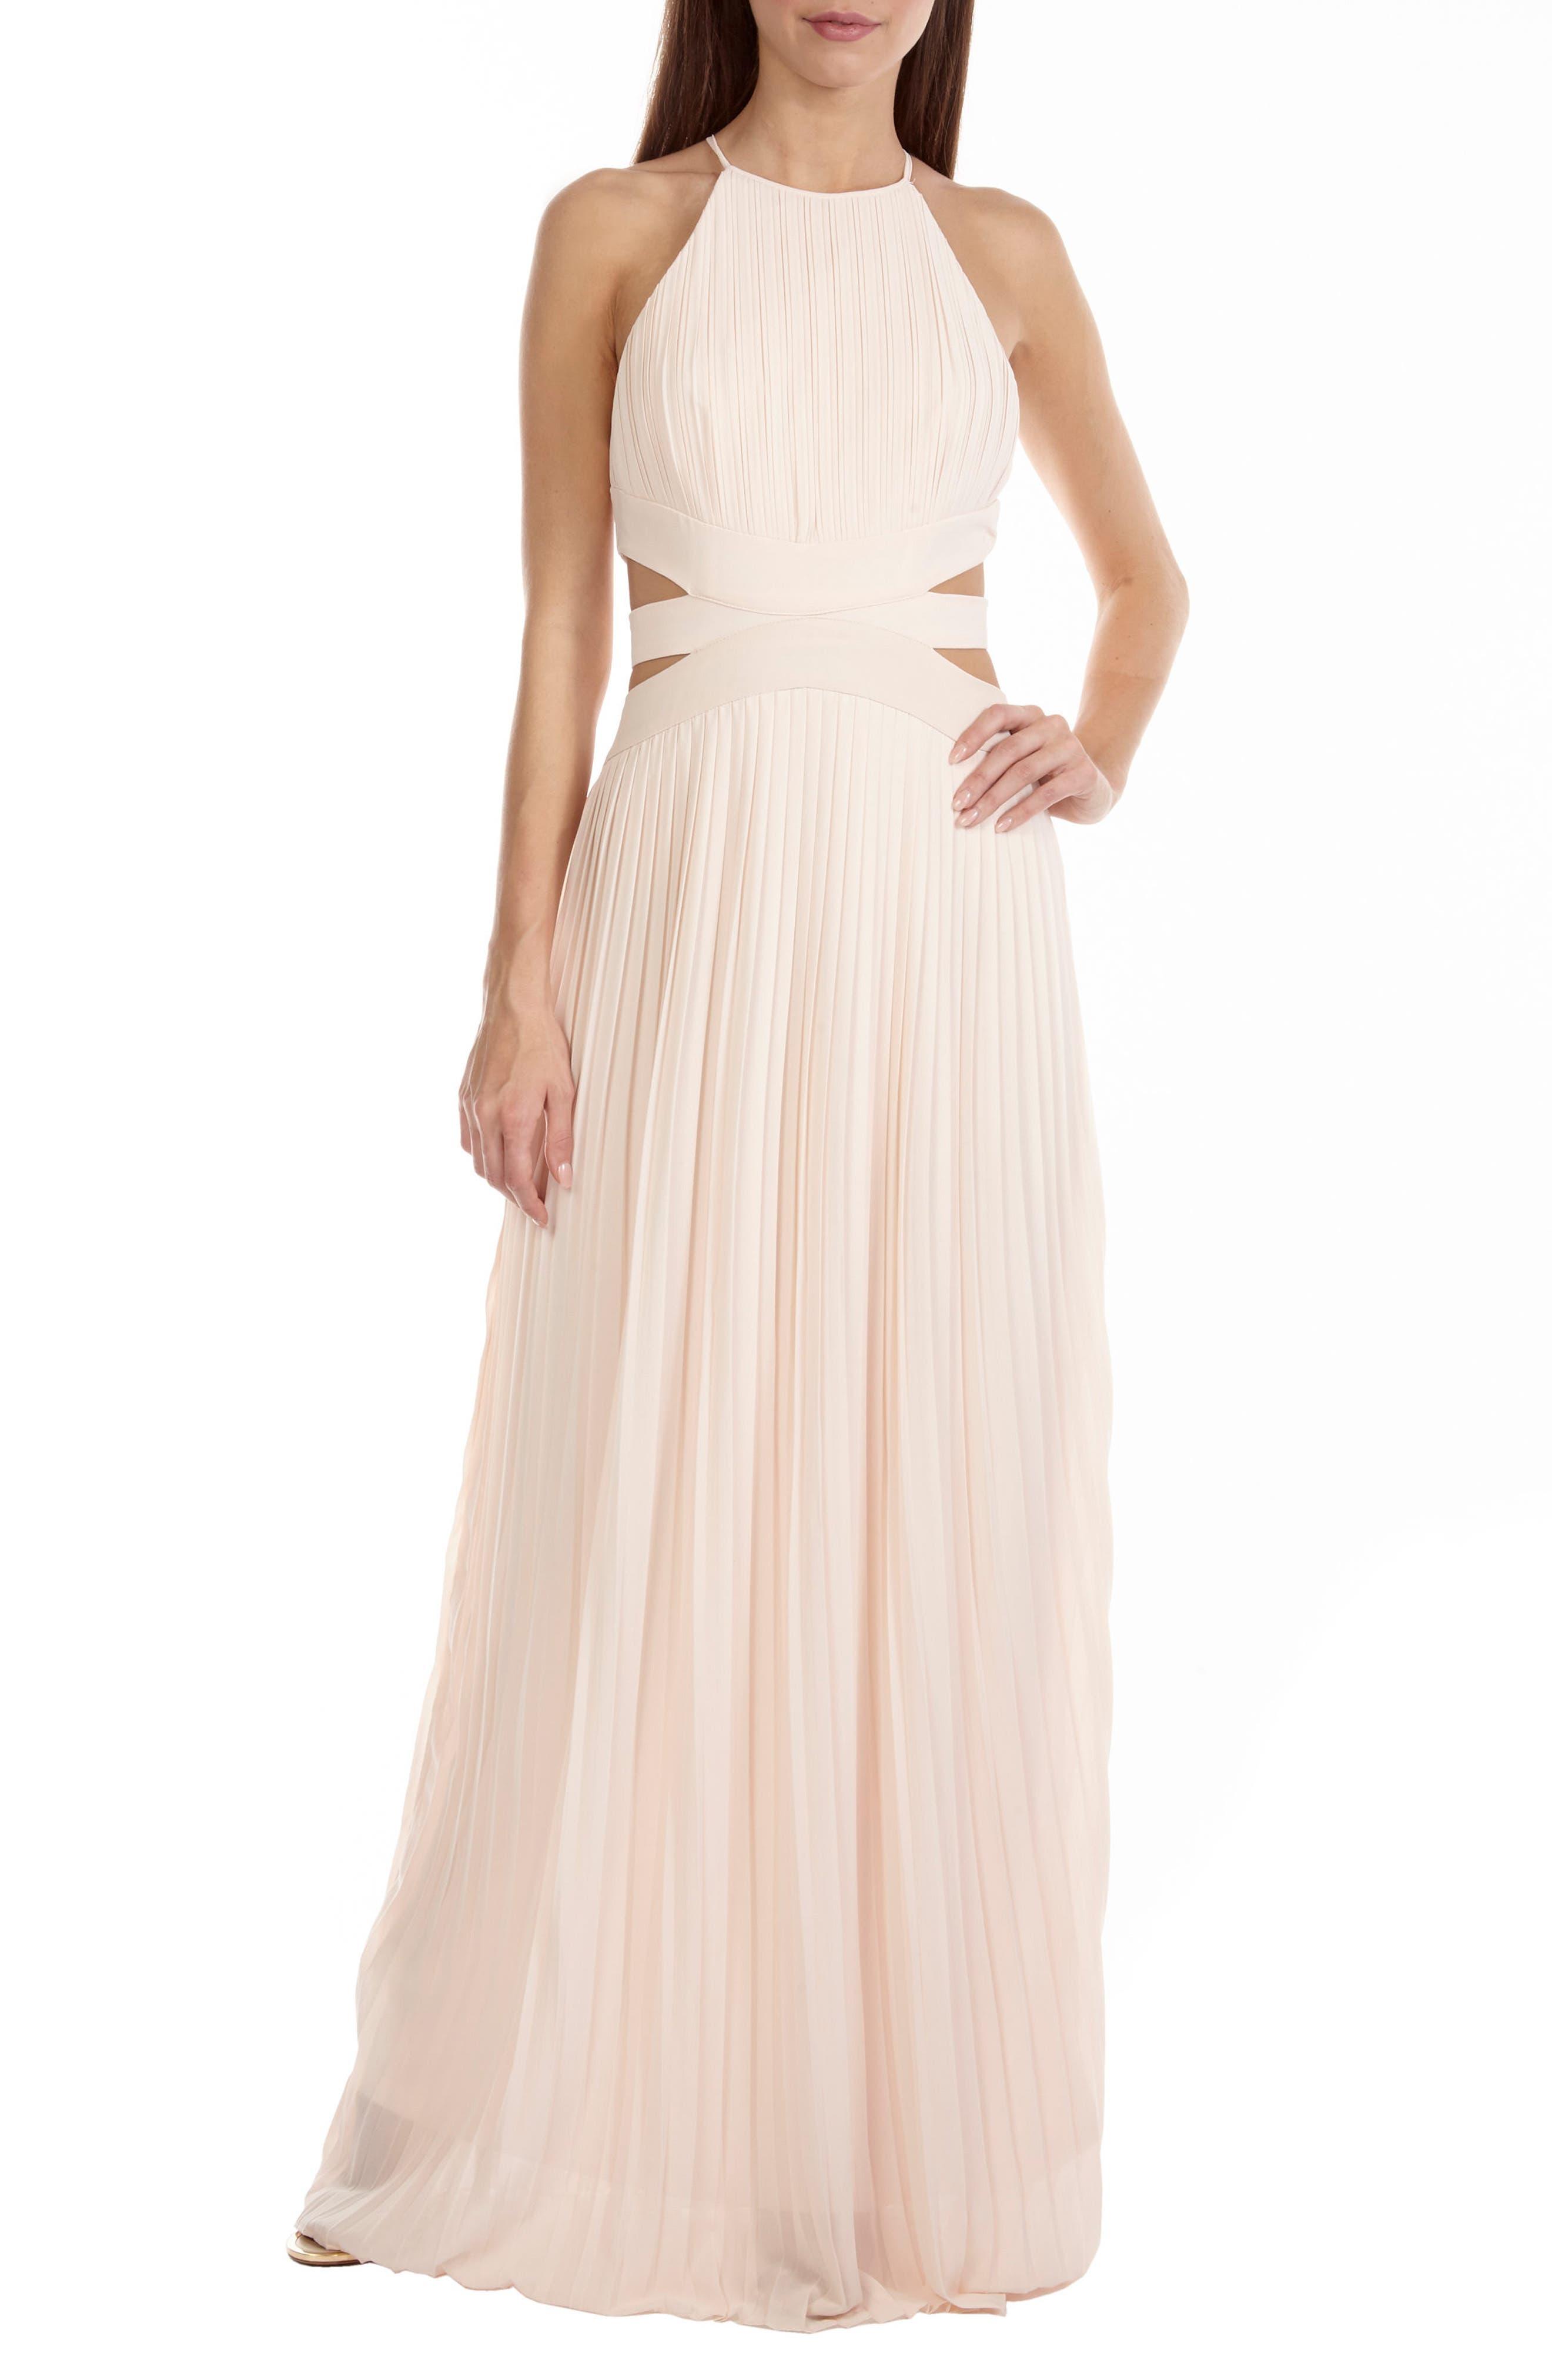 Boston Cutout Maxi Dress,                         Main,                         color, Nude